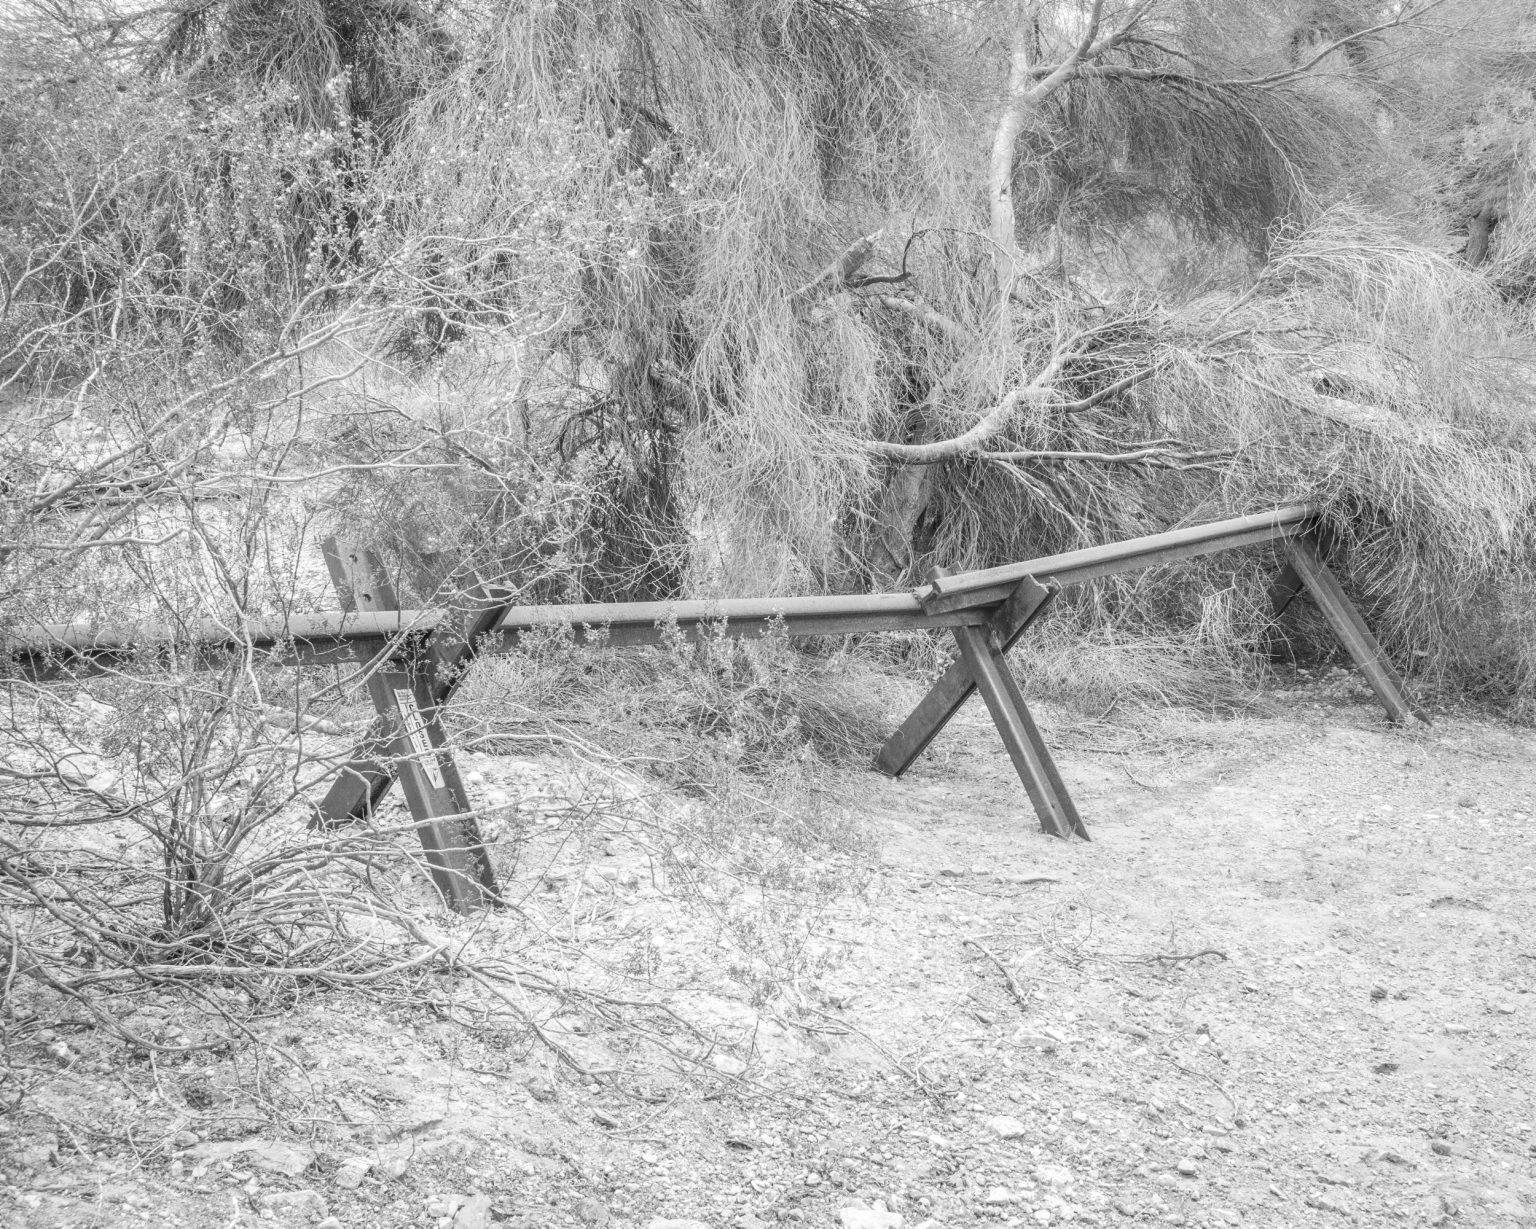 Barriere posizionate lungo una strada sterrata utilizzata dai cartelli per trafficare sostanze stupefacenti ed esseri umani, Maricopa, Arizona.